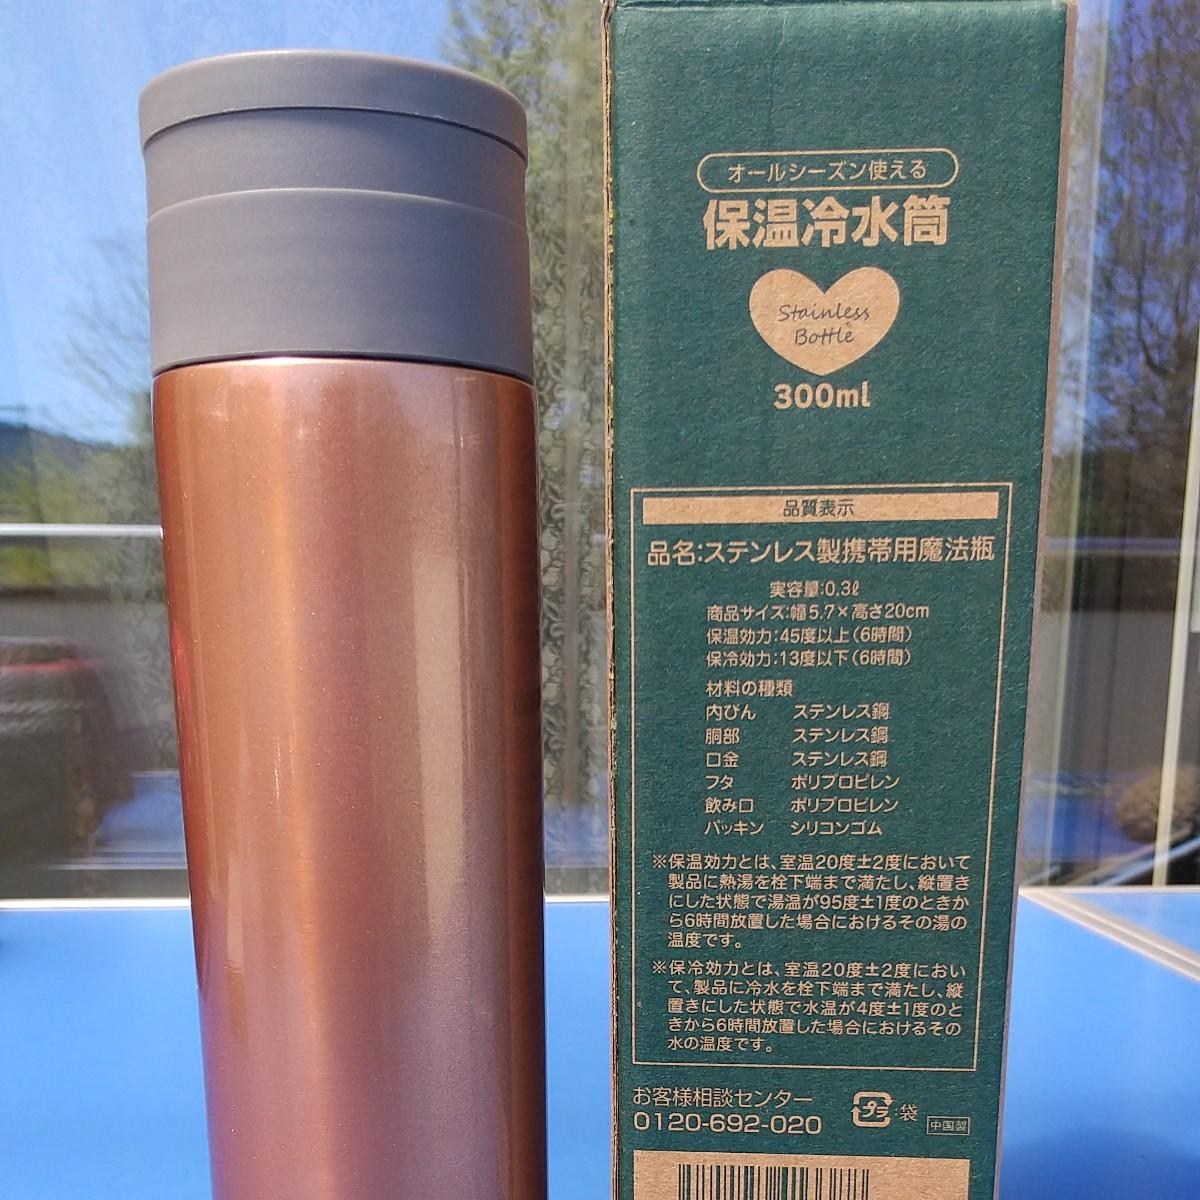 ステンレスボトル 真空 携帯用 ステンレス製